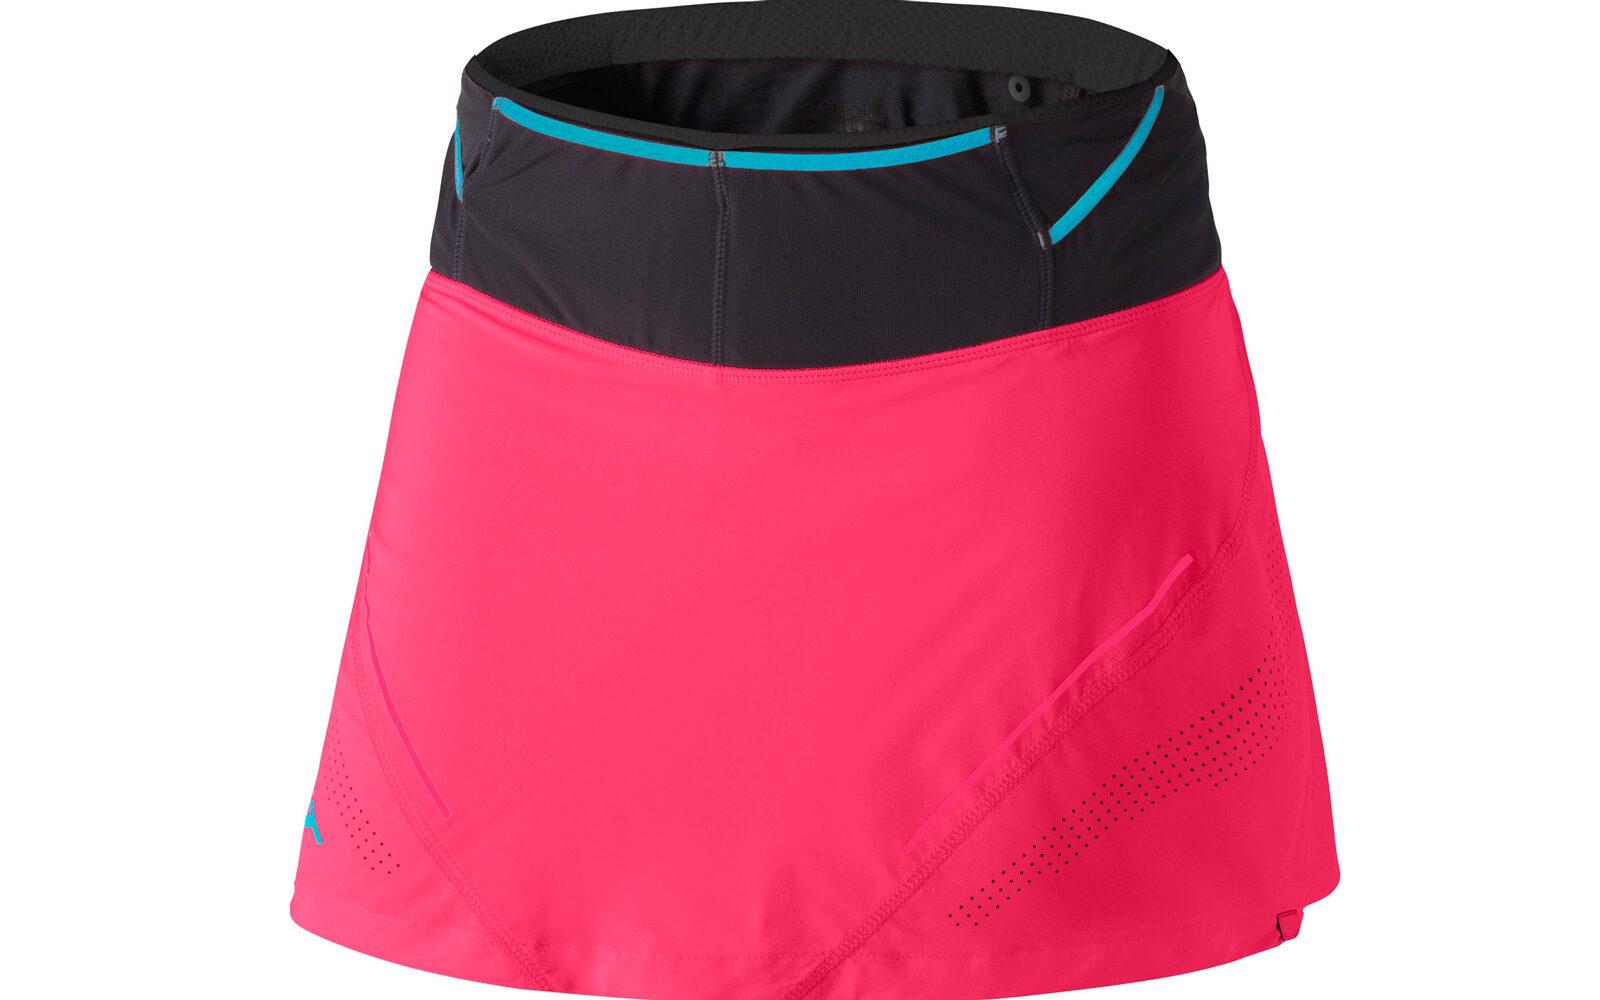 Dynafit Ultra 2 in 1, leggerissima (123 grammi) e con boxer integrato, numerose e pratiche tasche sul fondo (con e senza zip), tessuto ad asciugatura rapida, perforazioni al laser per la circolazione dell'aria. Euro 100